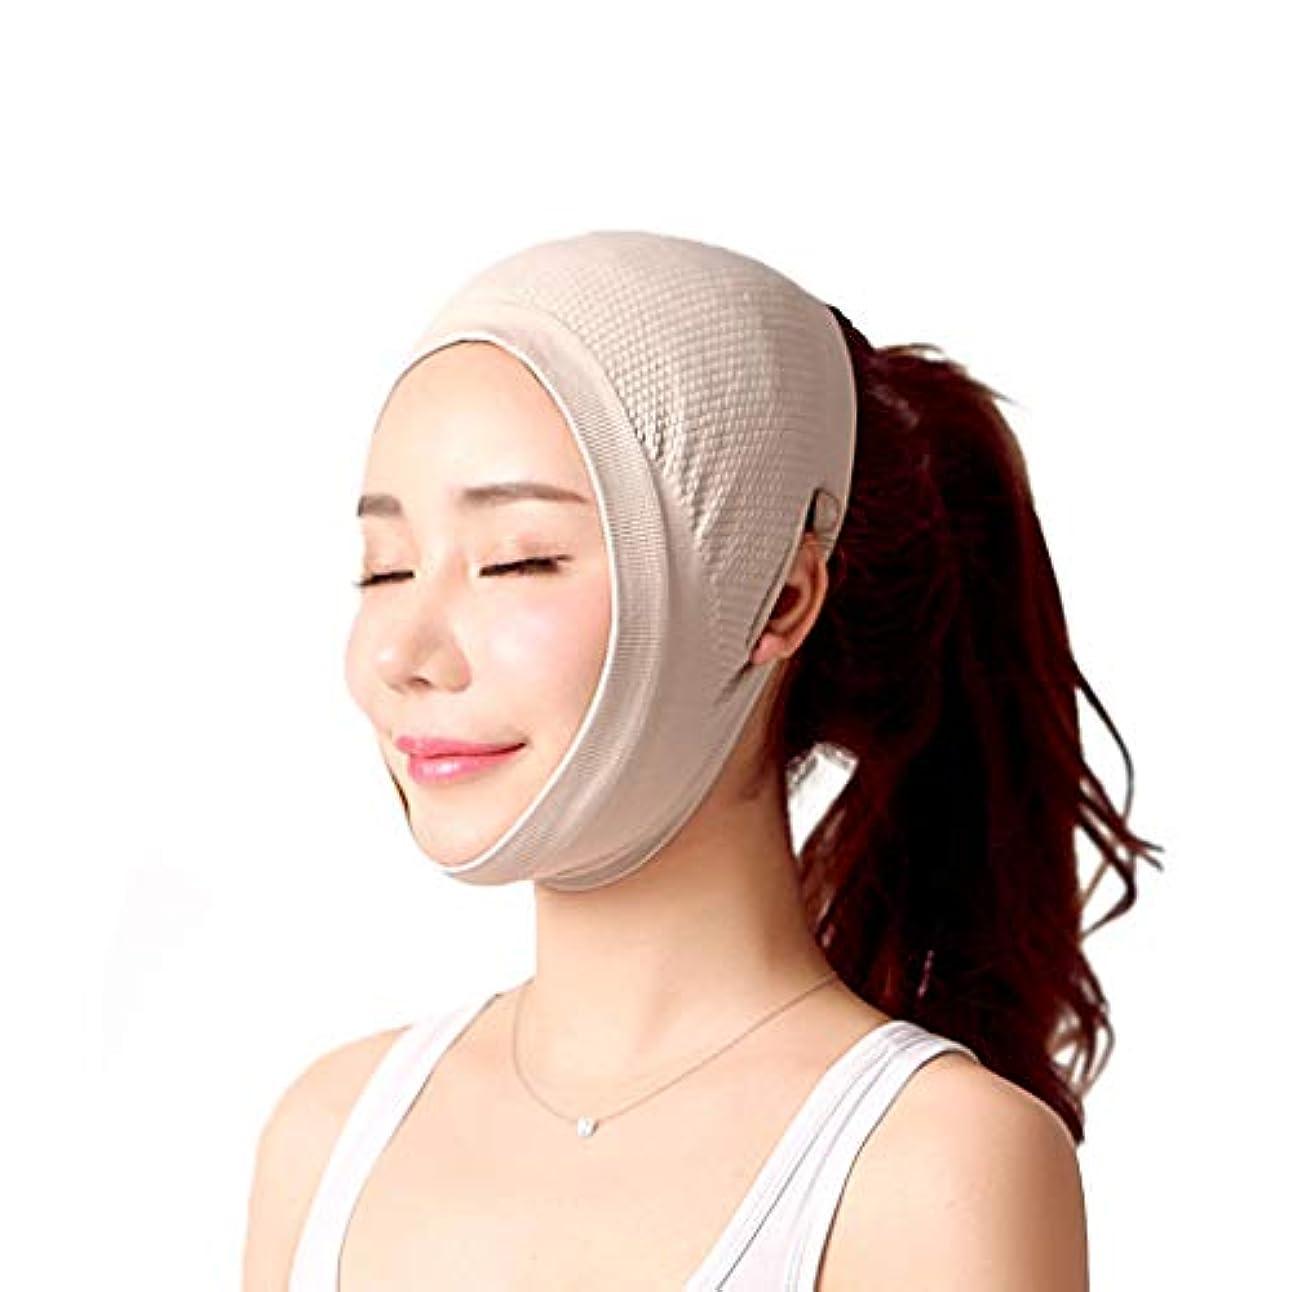 厄介なまだ法令XHLMRMJ 顔痩身包帯、二重あご、二重あごを減らすために顔を持ち上げる、顔を引き締める、体重を減らすためのマスク(ワンサイズ)